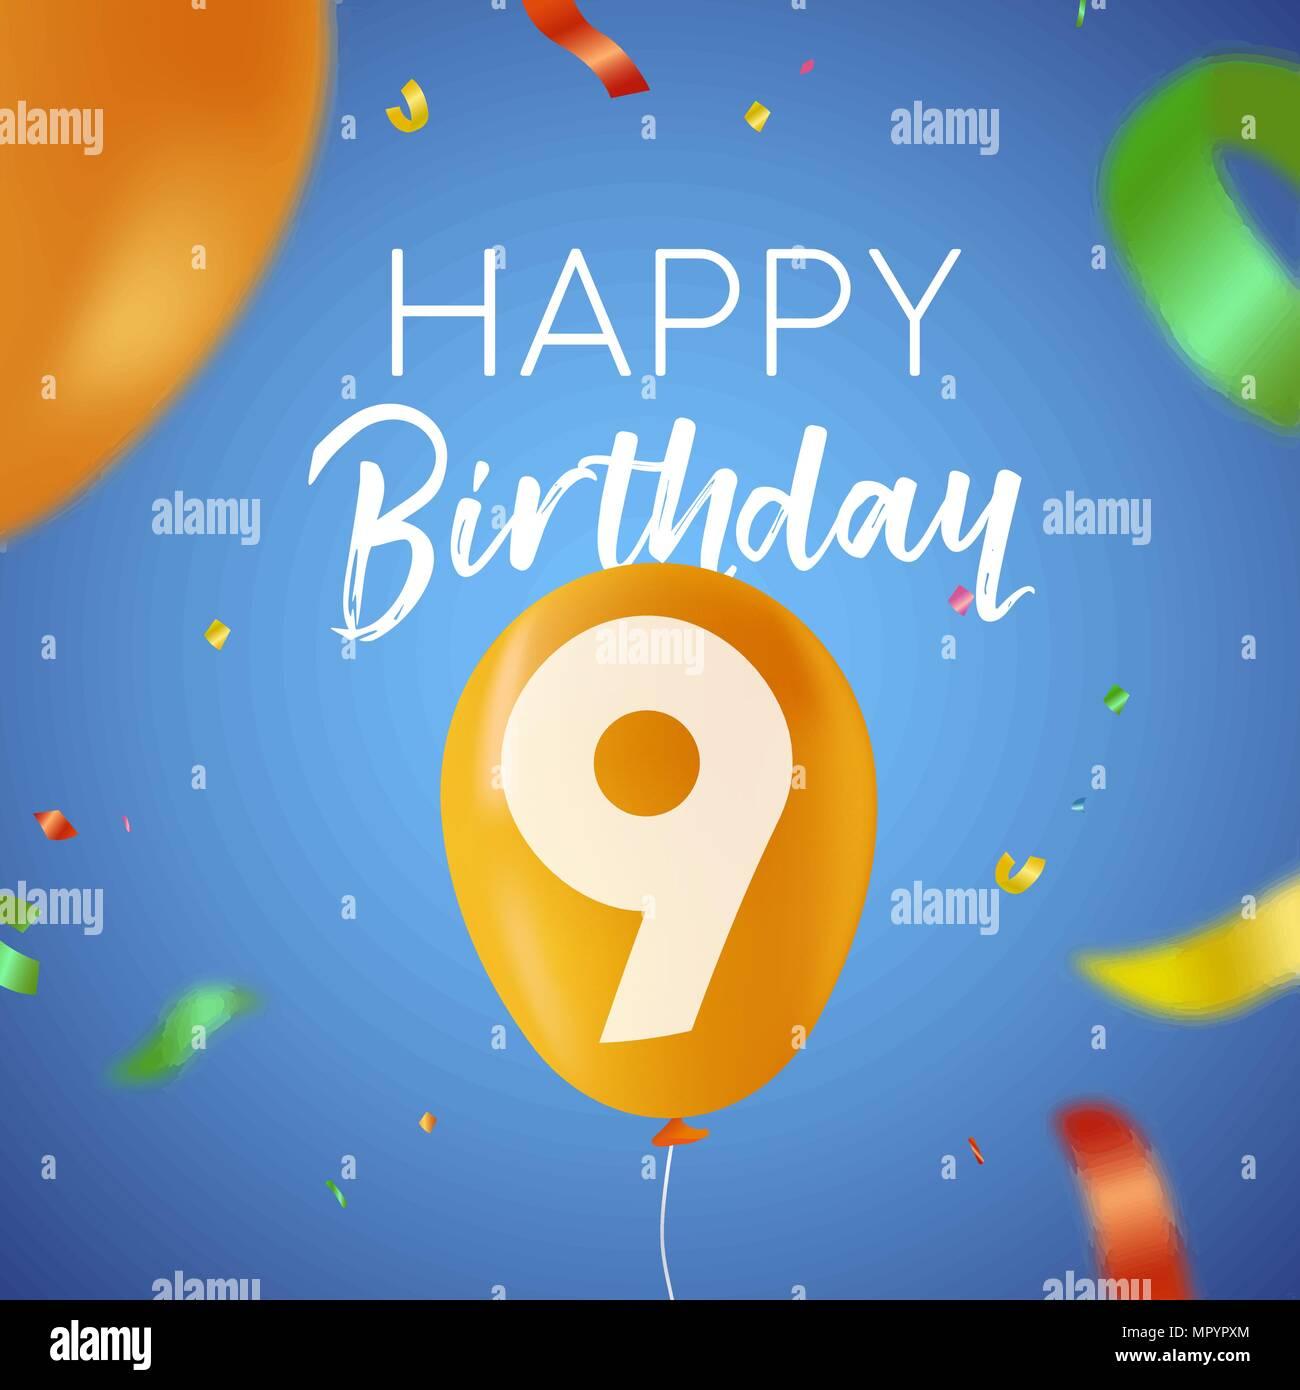 https www alamyimages fr joyeux anniversaire 9 ans neuf design amusant avec nombre de ballons et de confettis multicolores decoration ideal pour les fetes d invitation ou carte de voeux vecteur eps10 image186236812 html